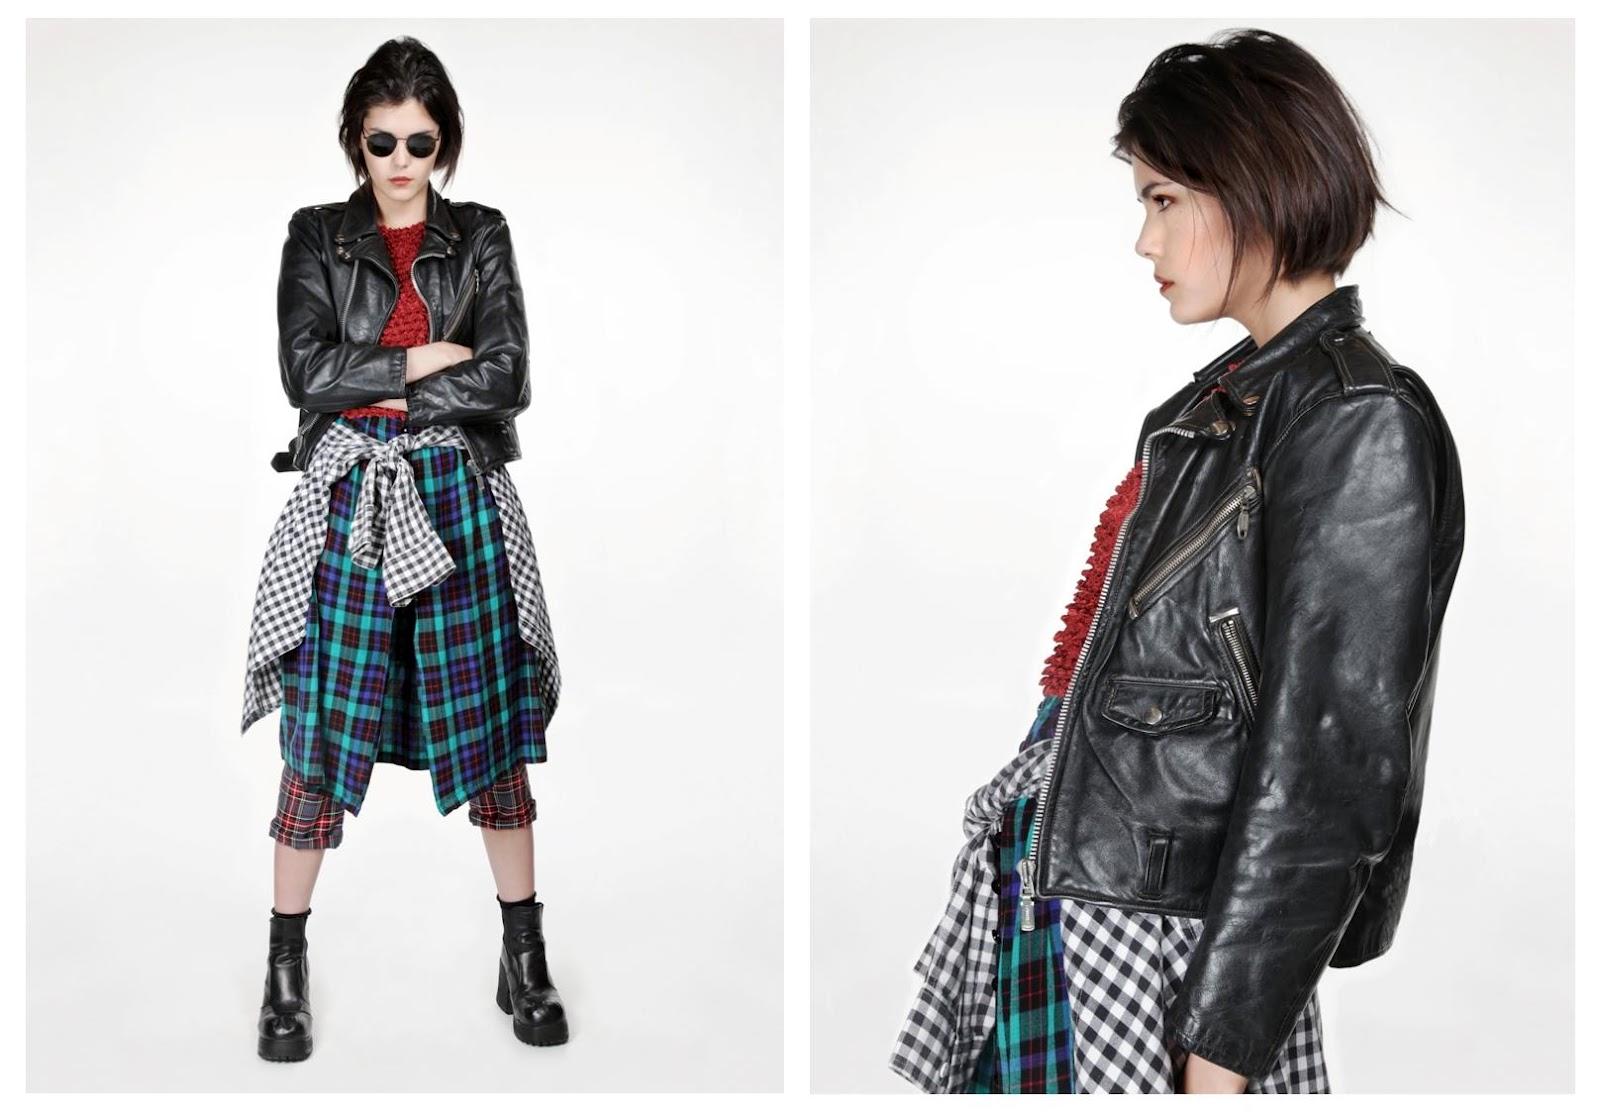 aw12 highland grunge rokit vintage clothing